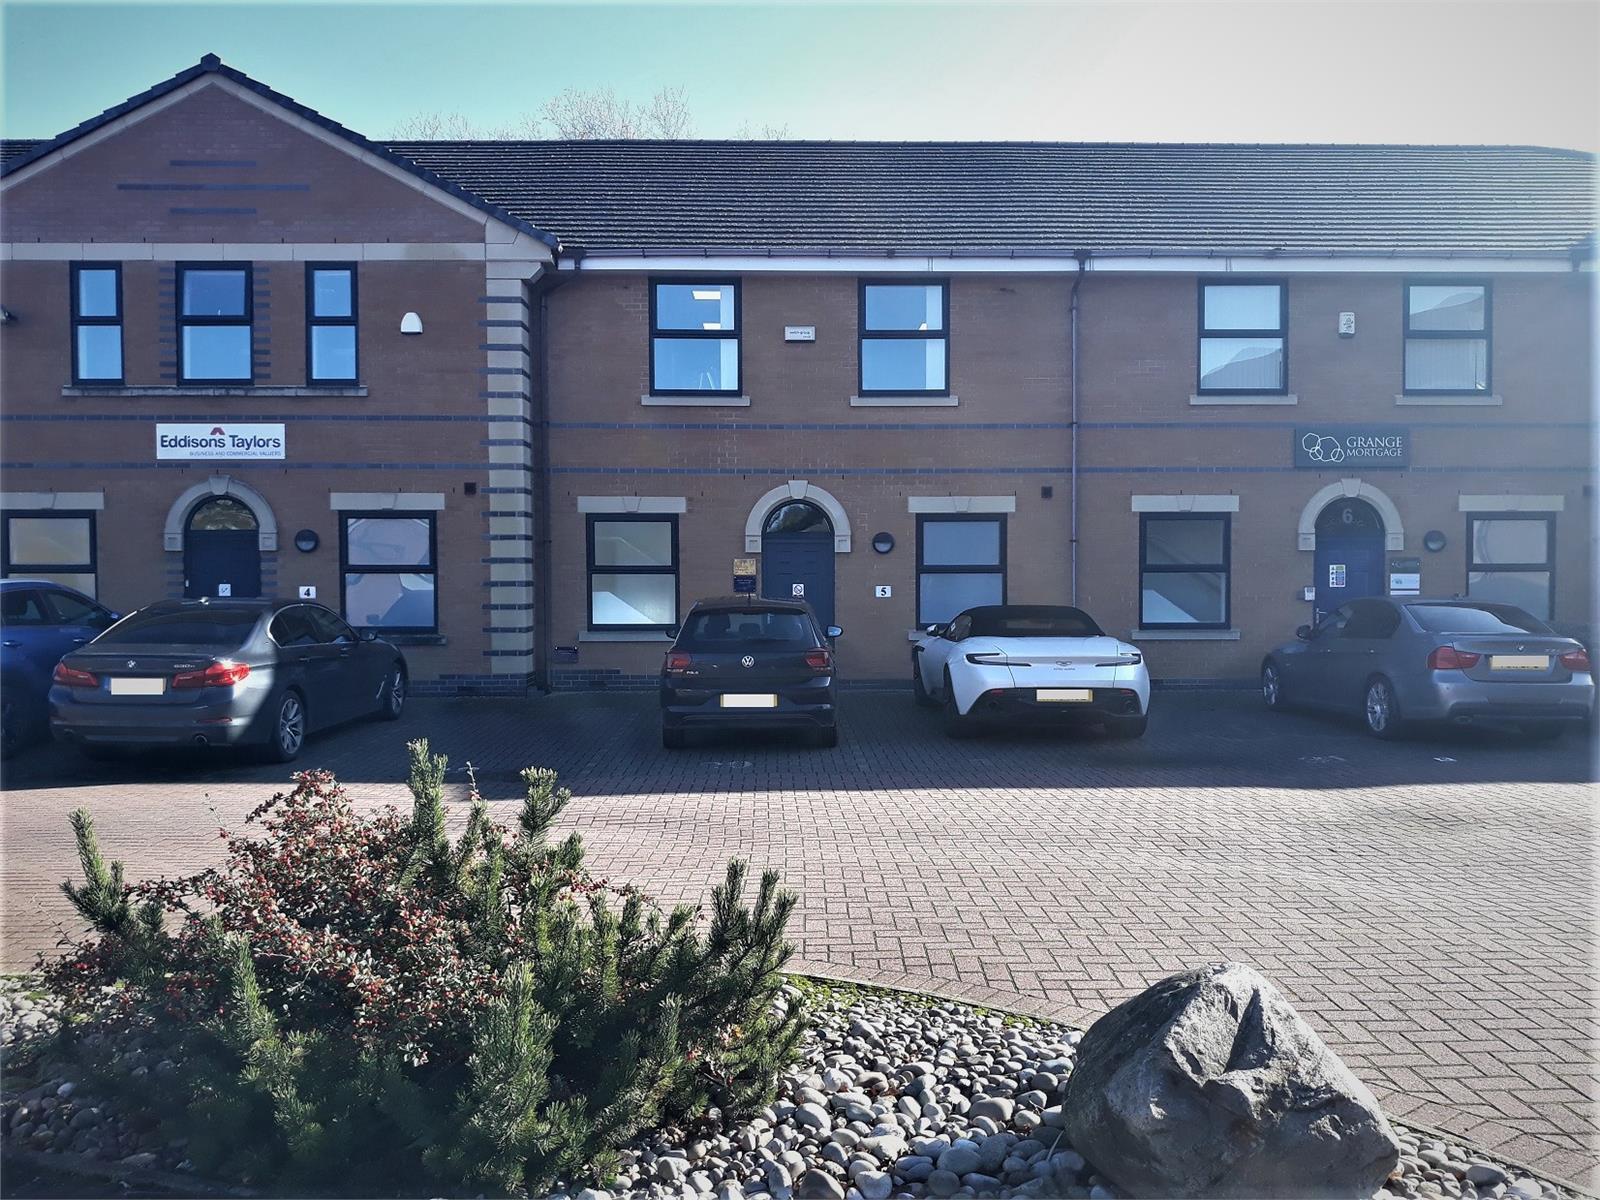 5 Basset Court, Grange Park, East Midlands, NN4